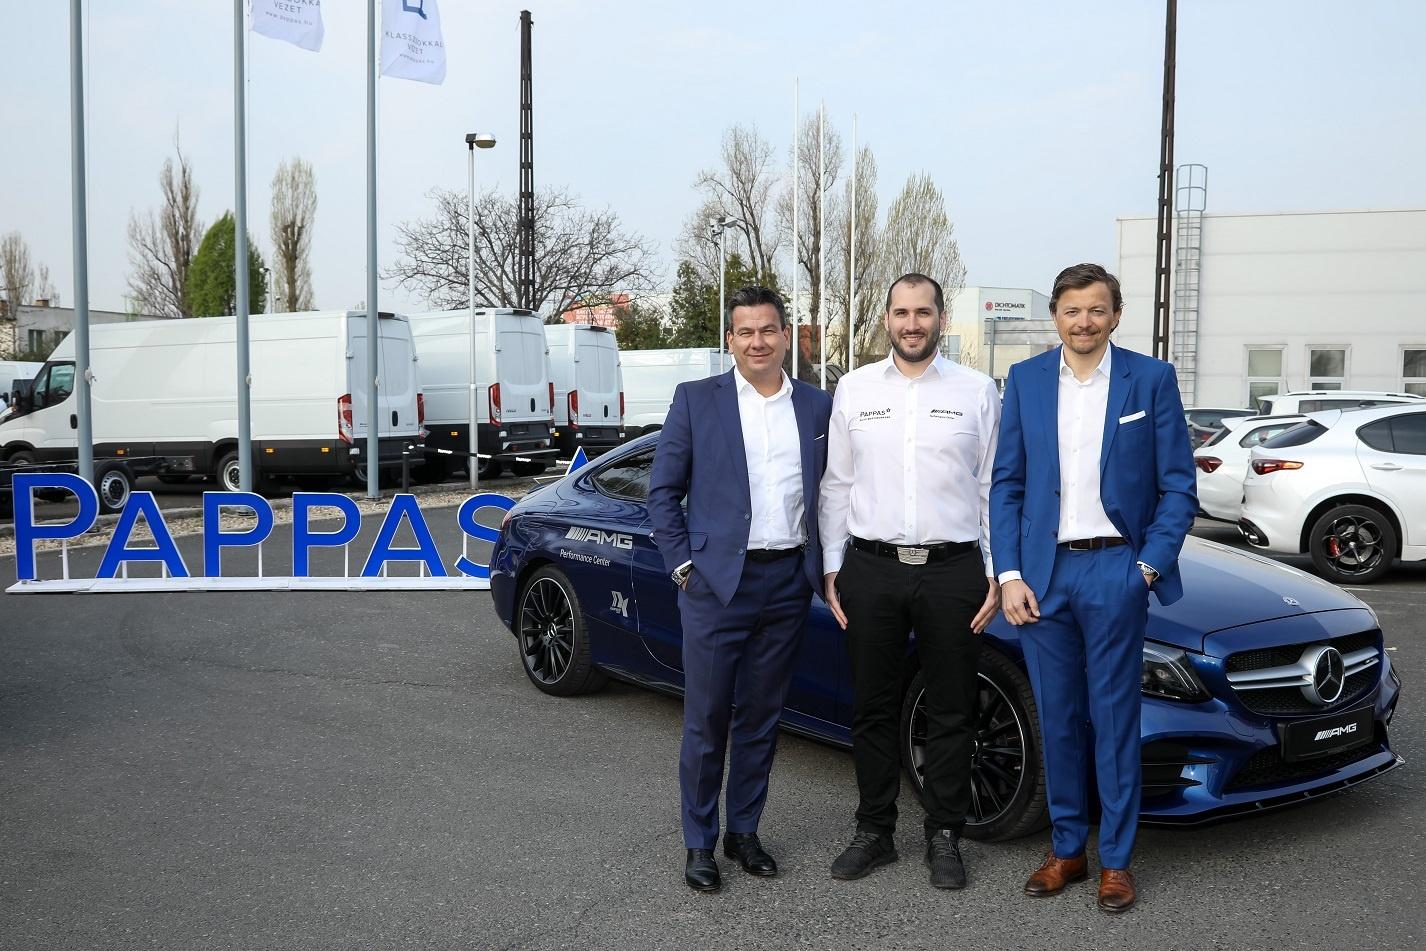 Idei célértékek a Pappas Autónál: 10 ezer eladott, 80 ezer szervizelt jármű